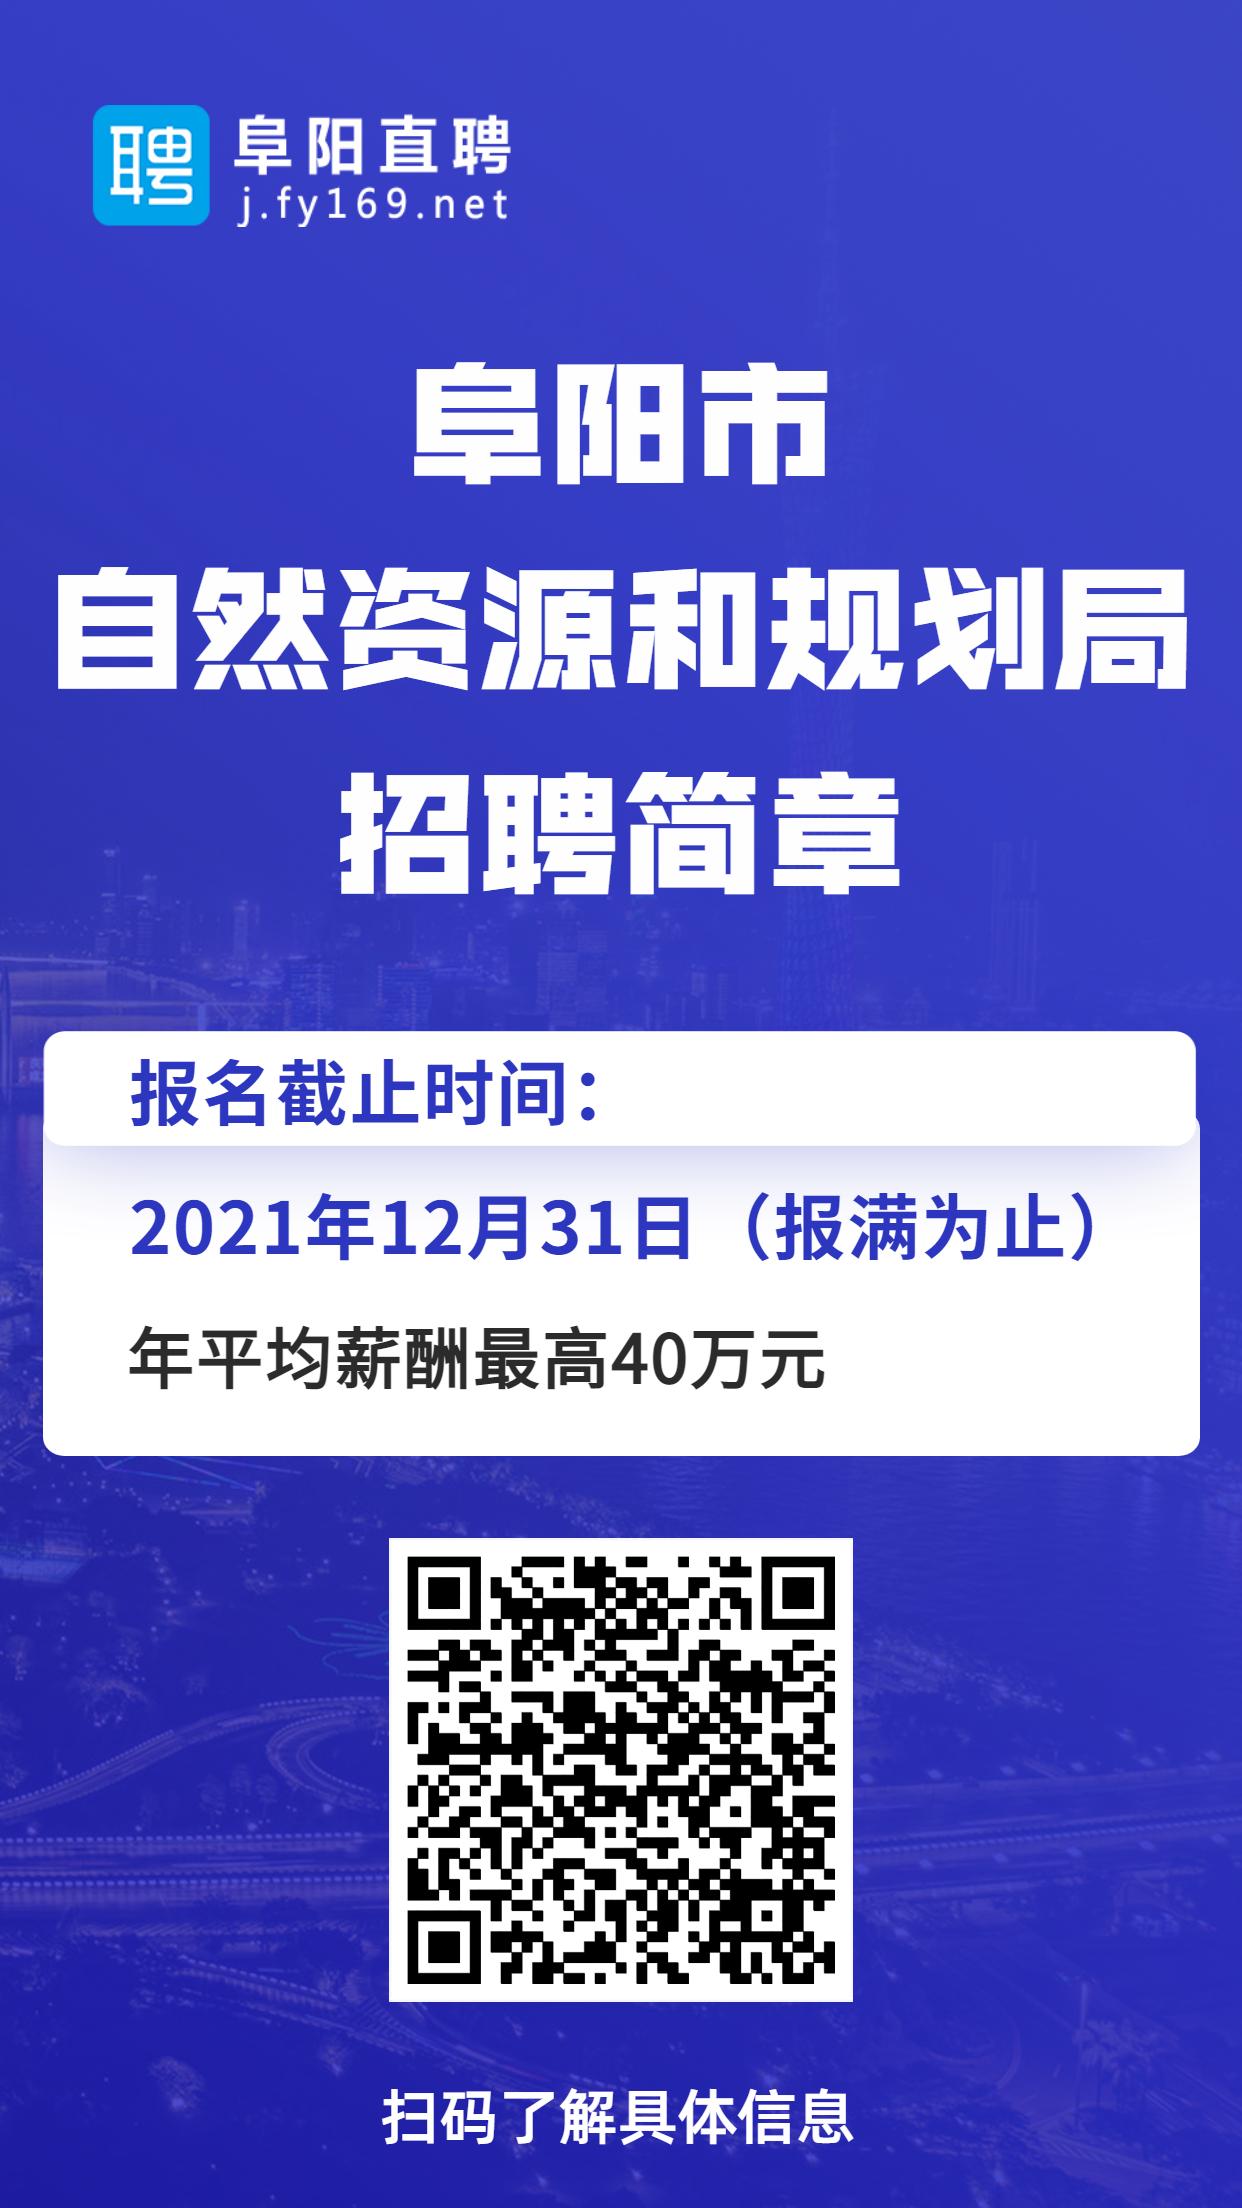 地产政策跟踪热点手机海报(1).jpg